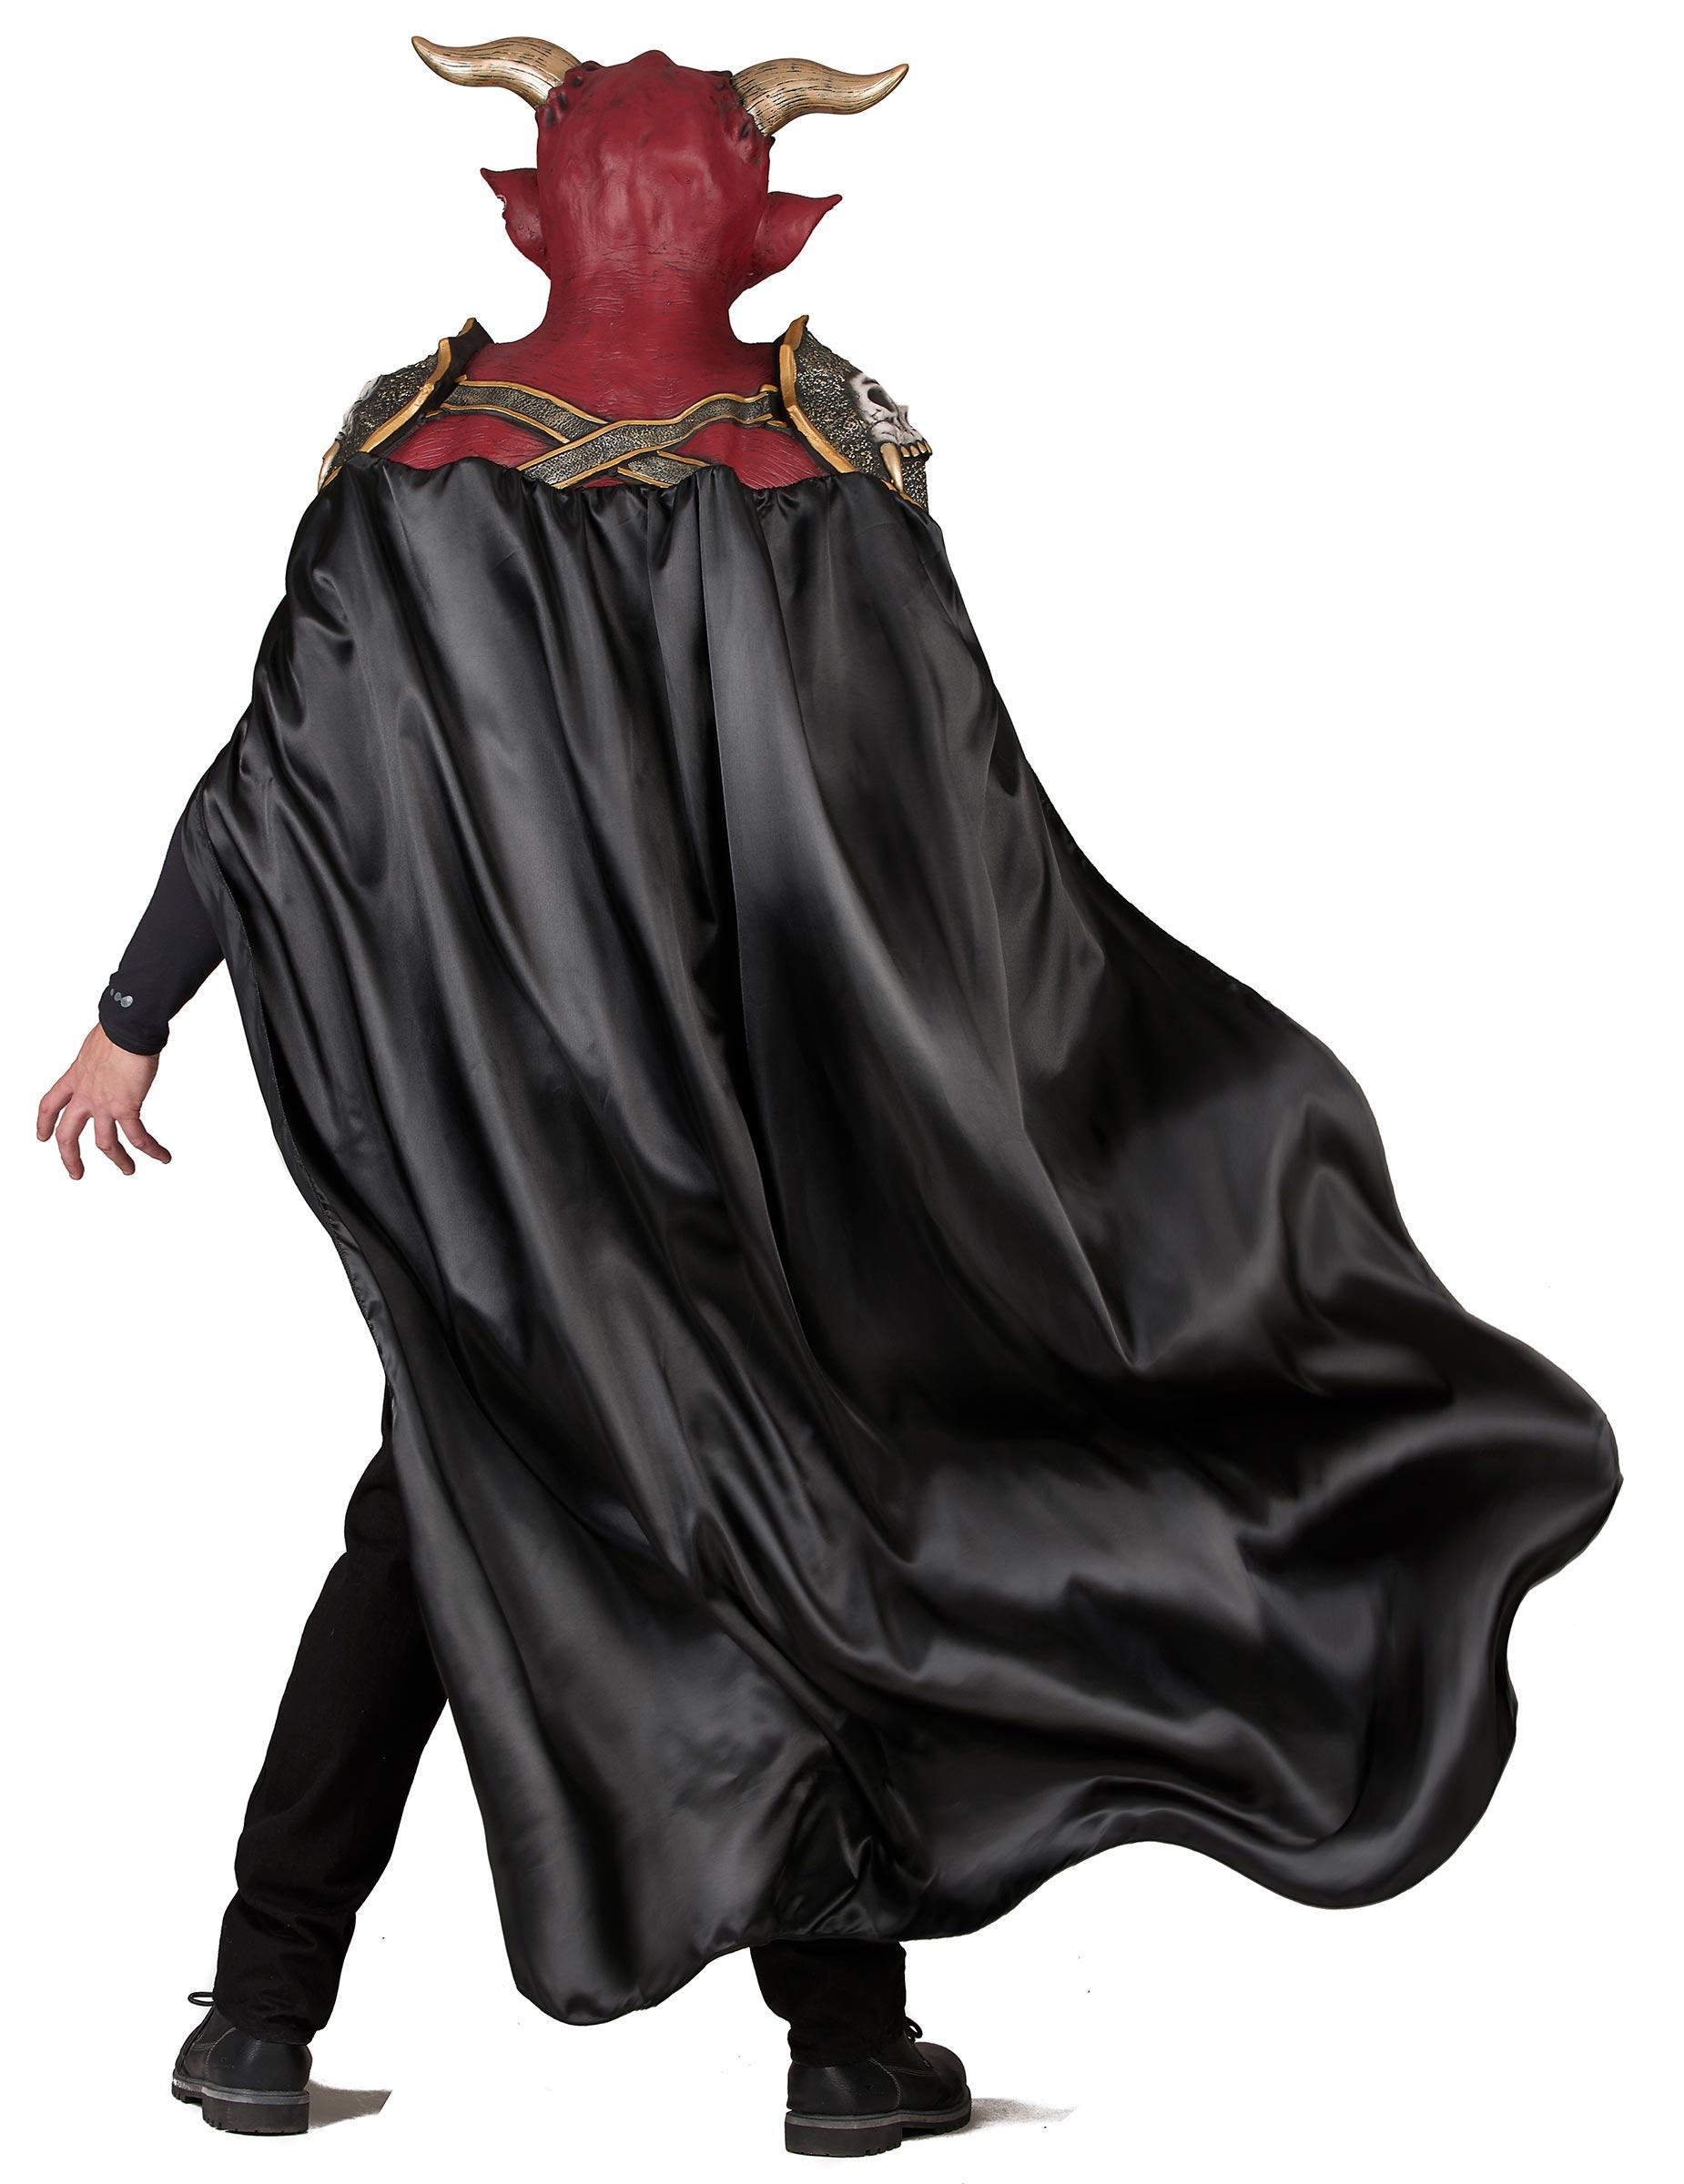 Gruseliges Kostüm